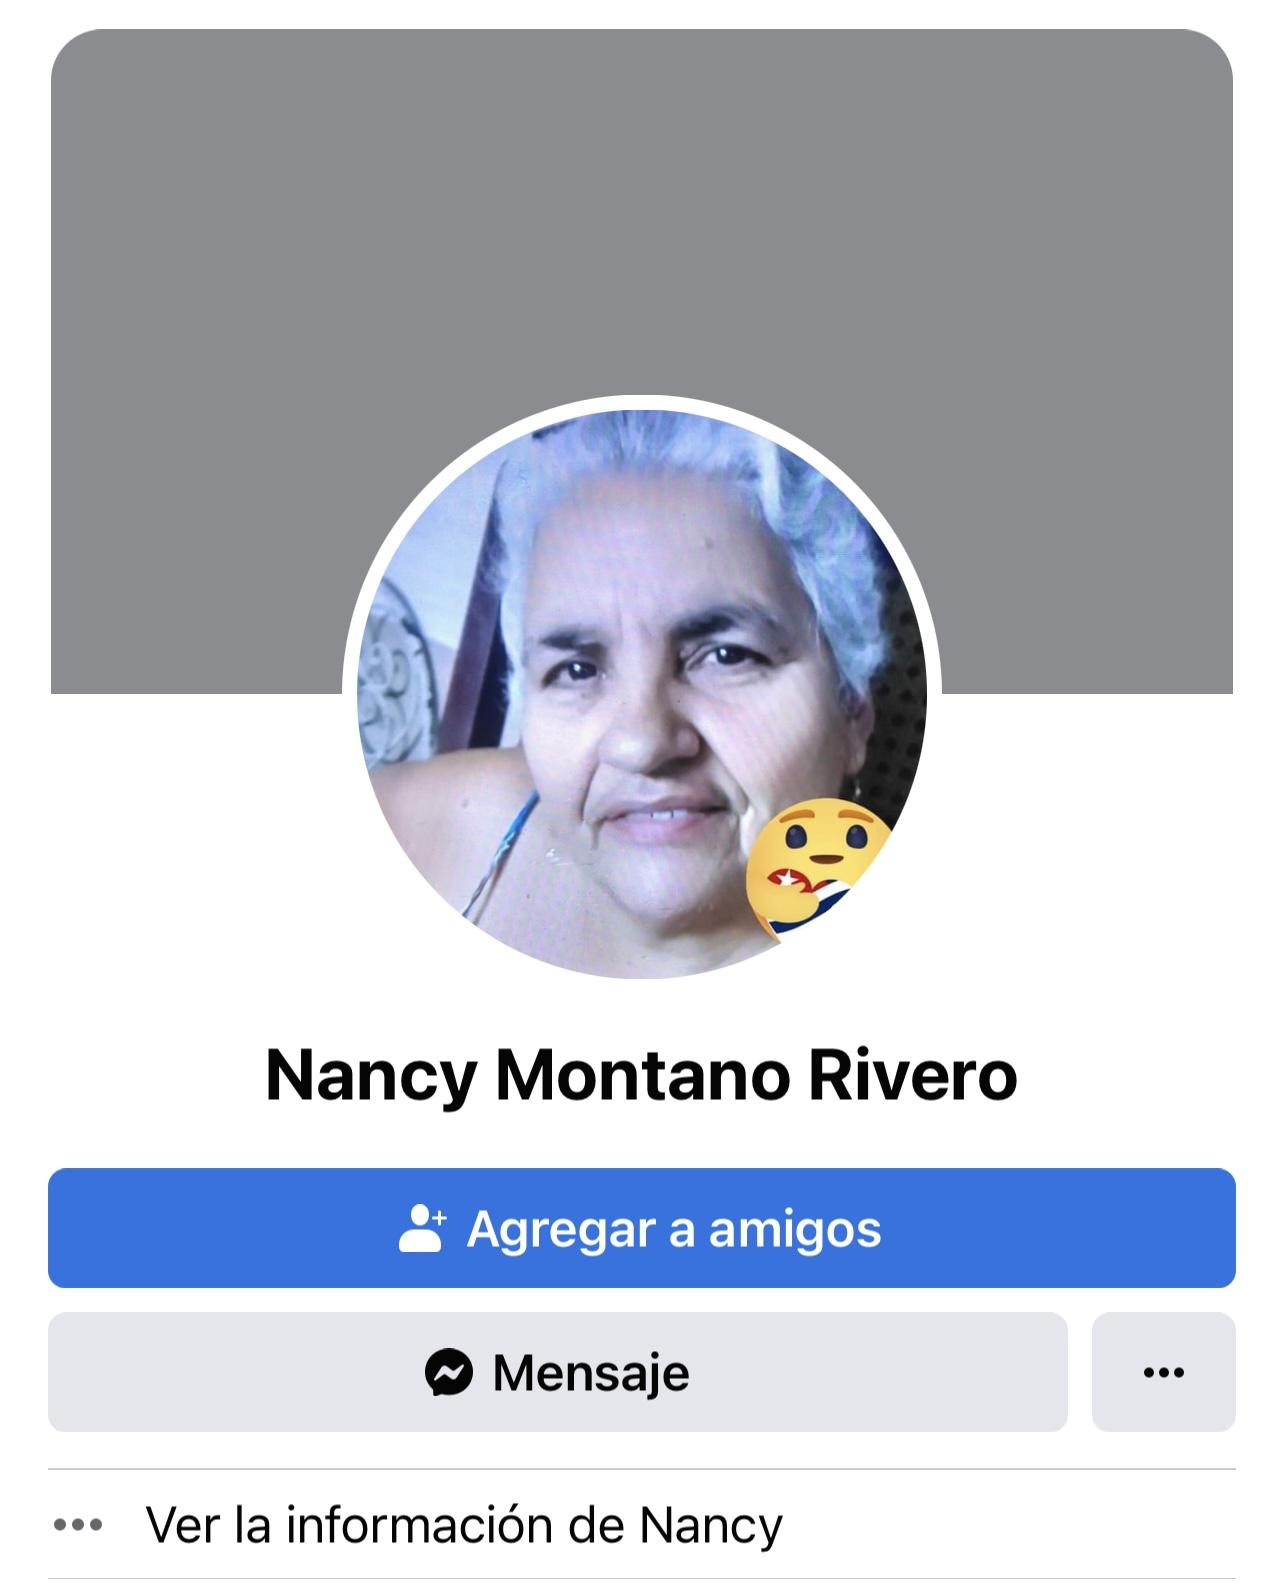 Nancy Montano Rivero